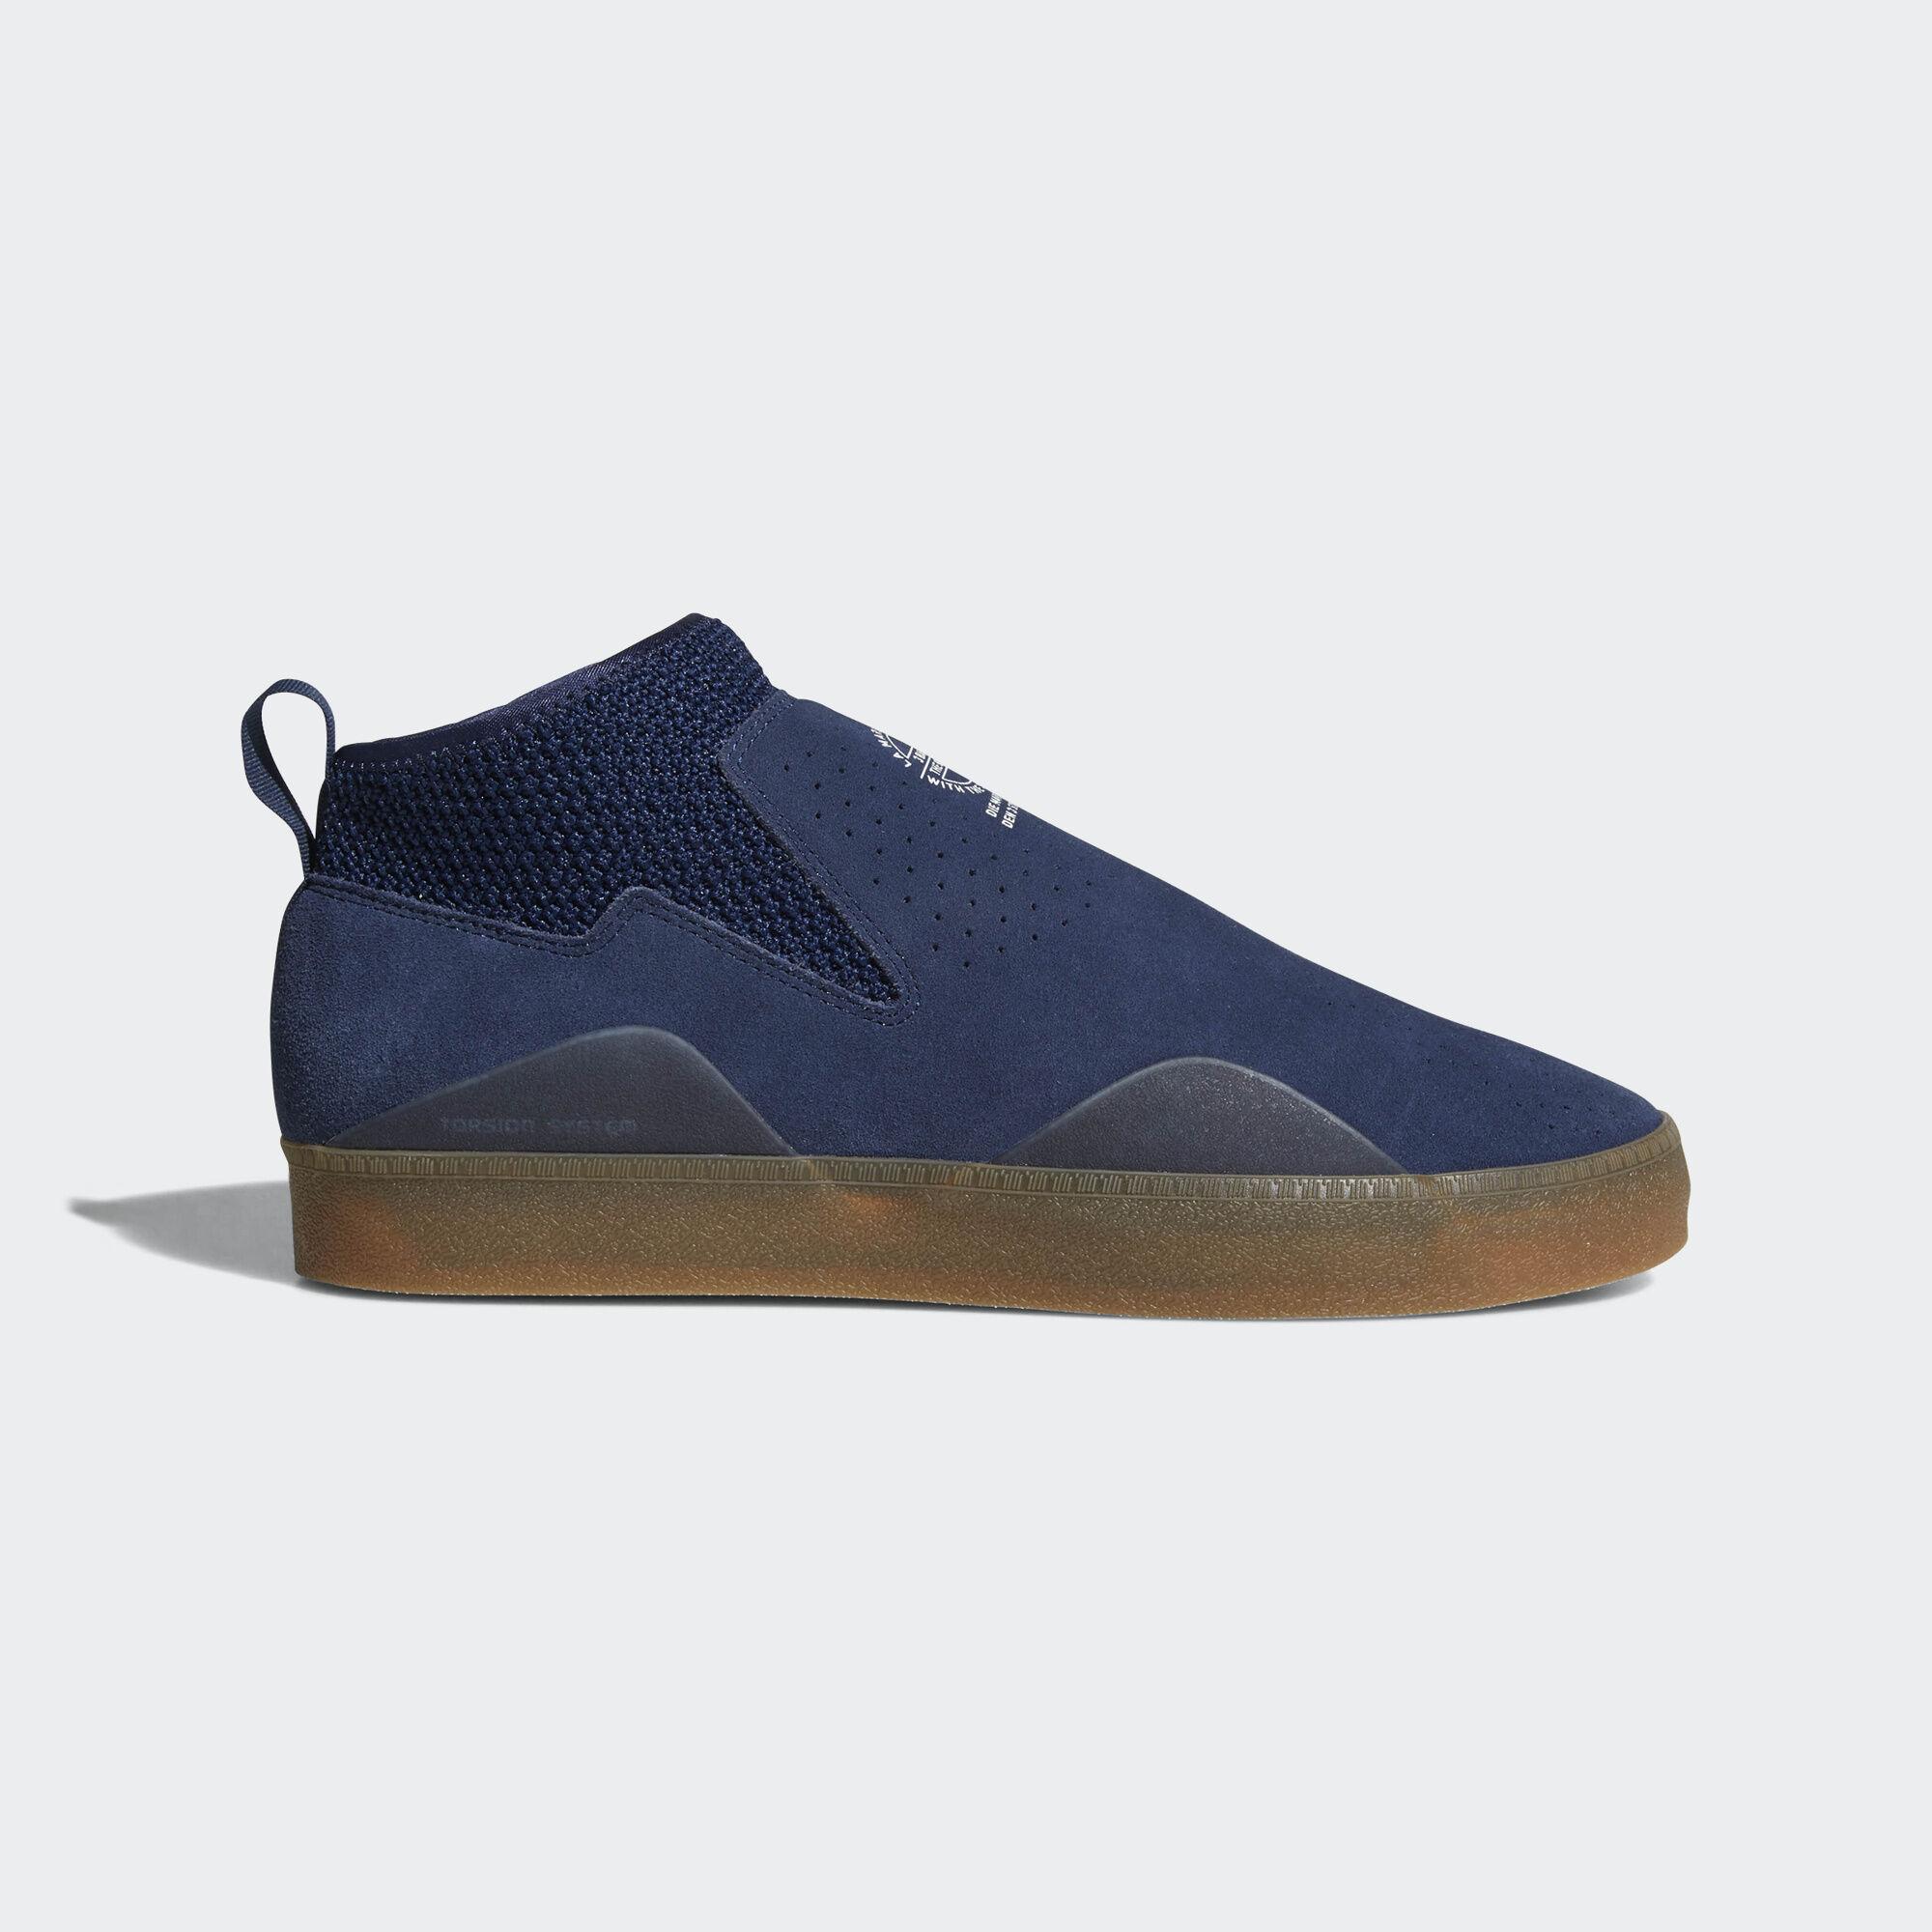 Adidas CQ1204 Men originals 3ST 002 Casual shoes navy sneakers